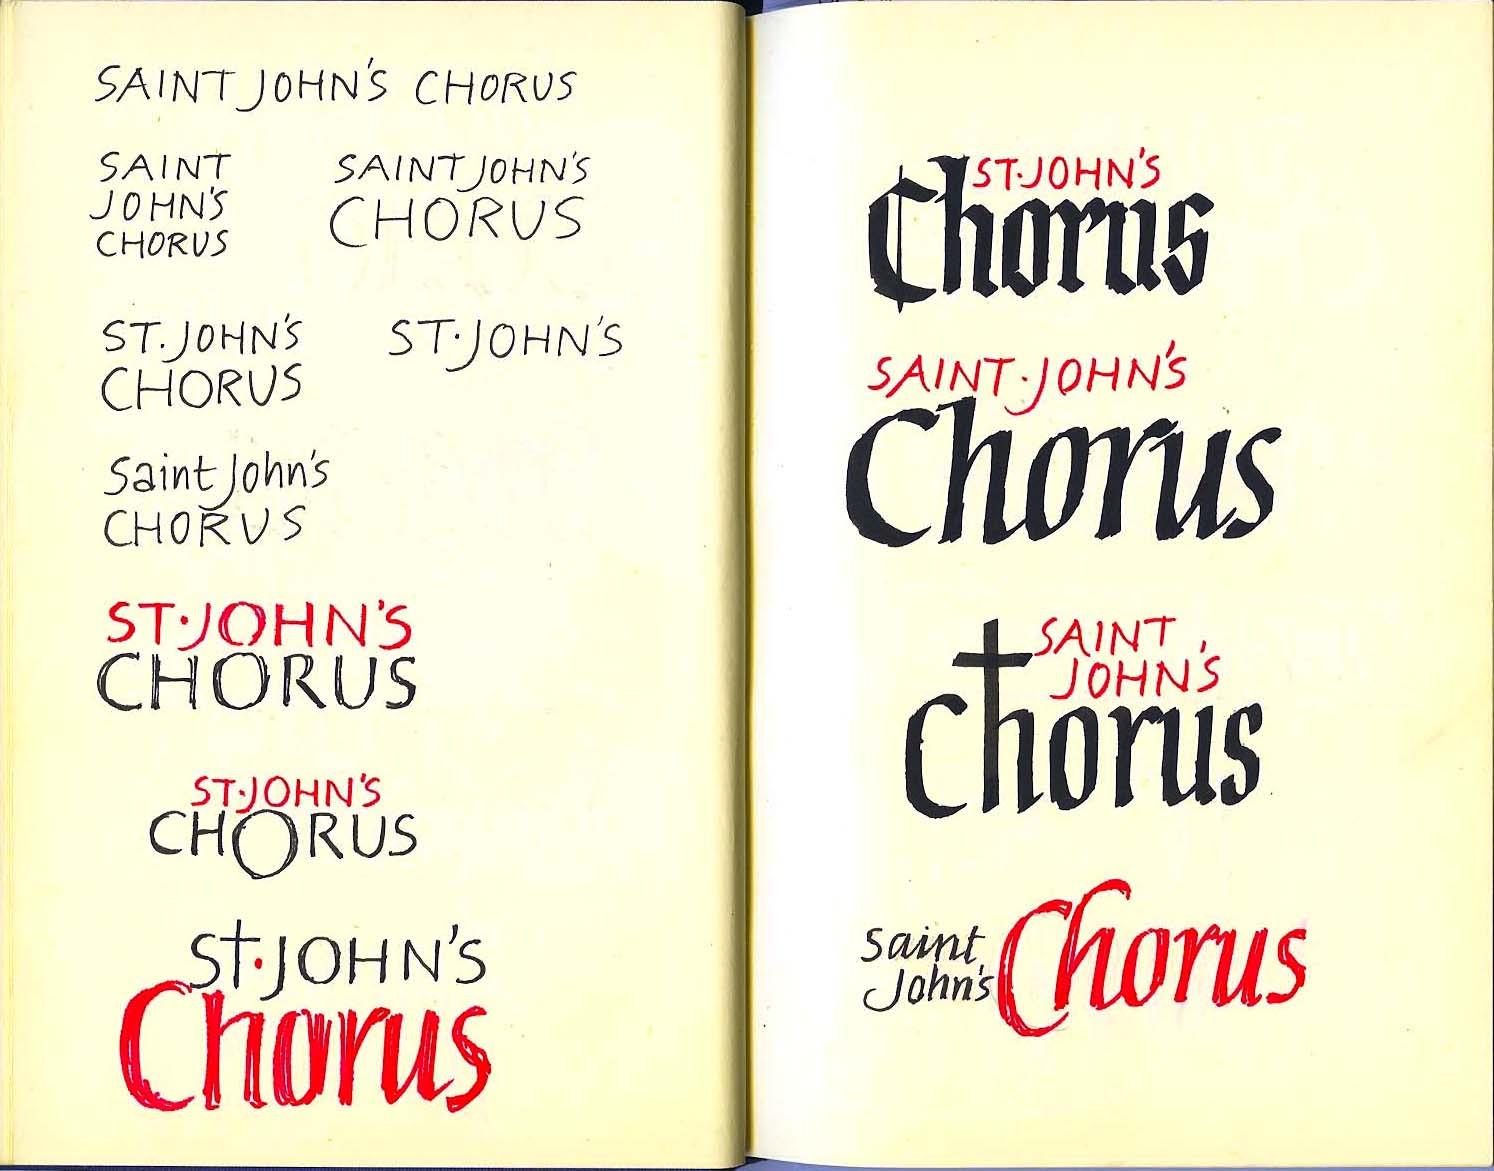 St John's Chorus#1